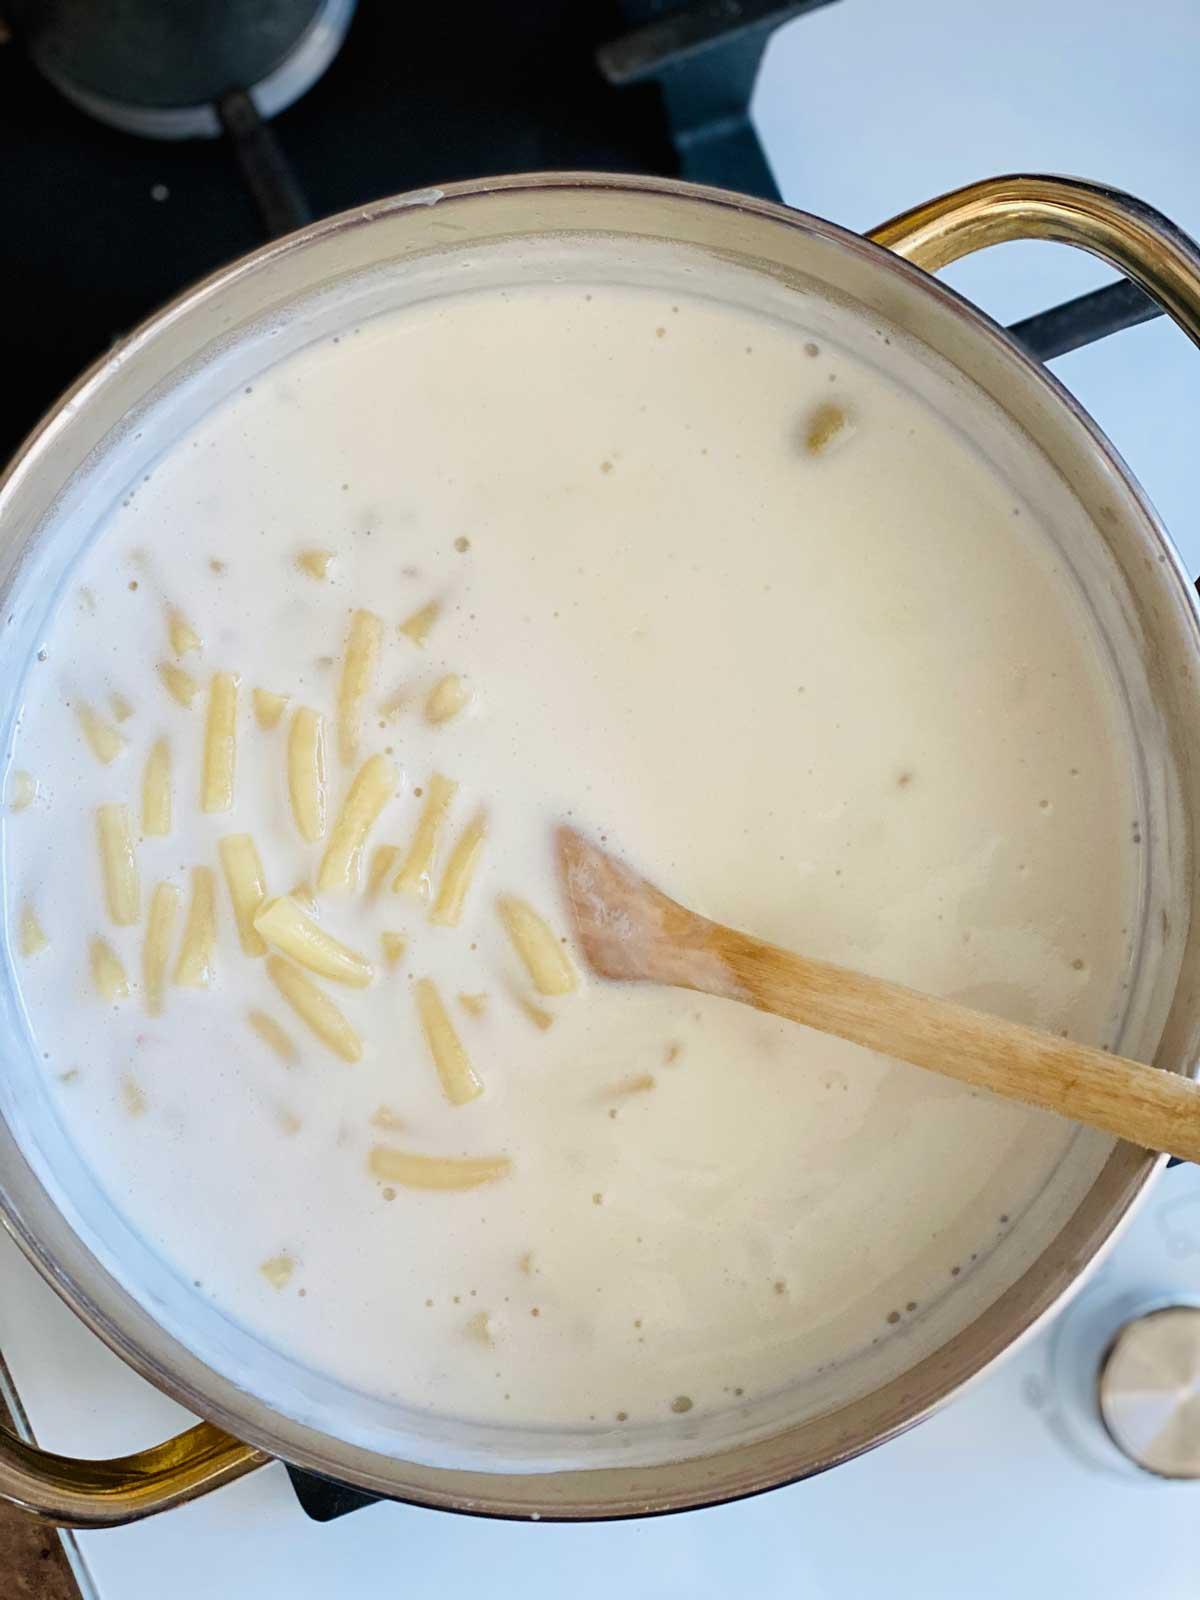 macaroni in milk